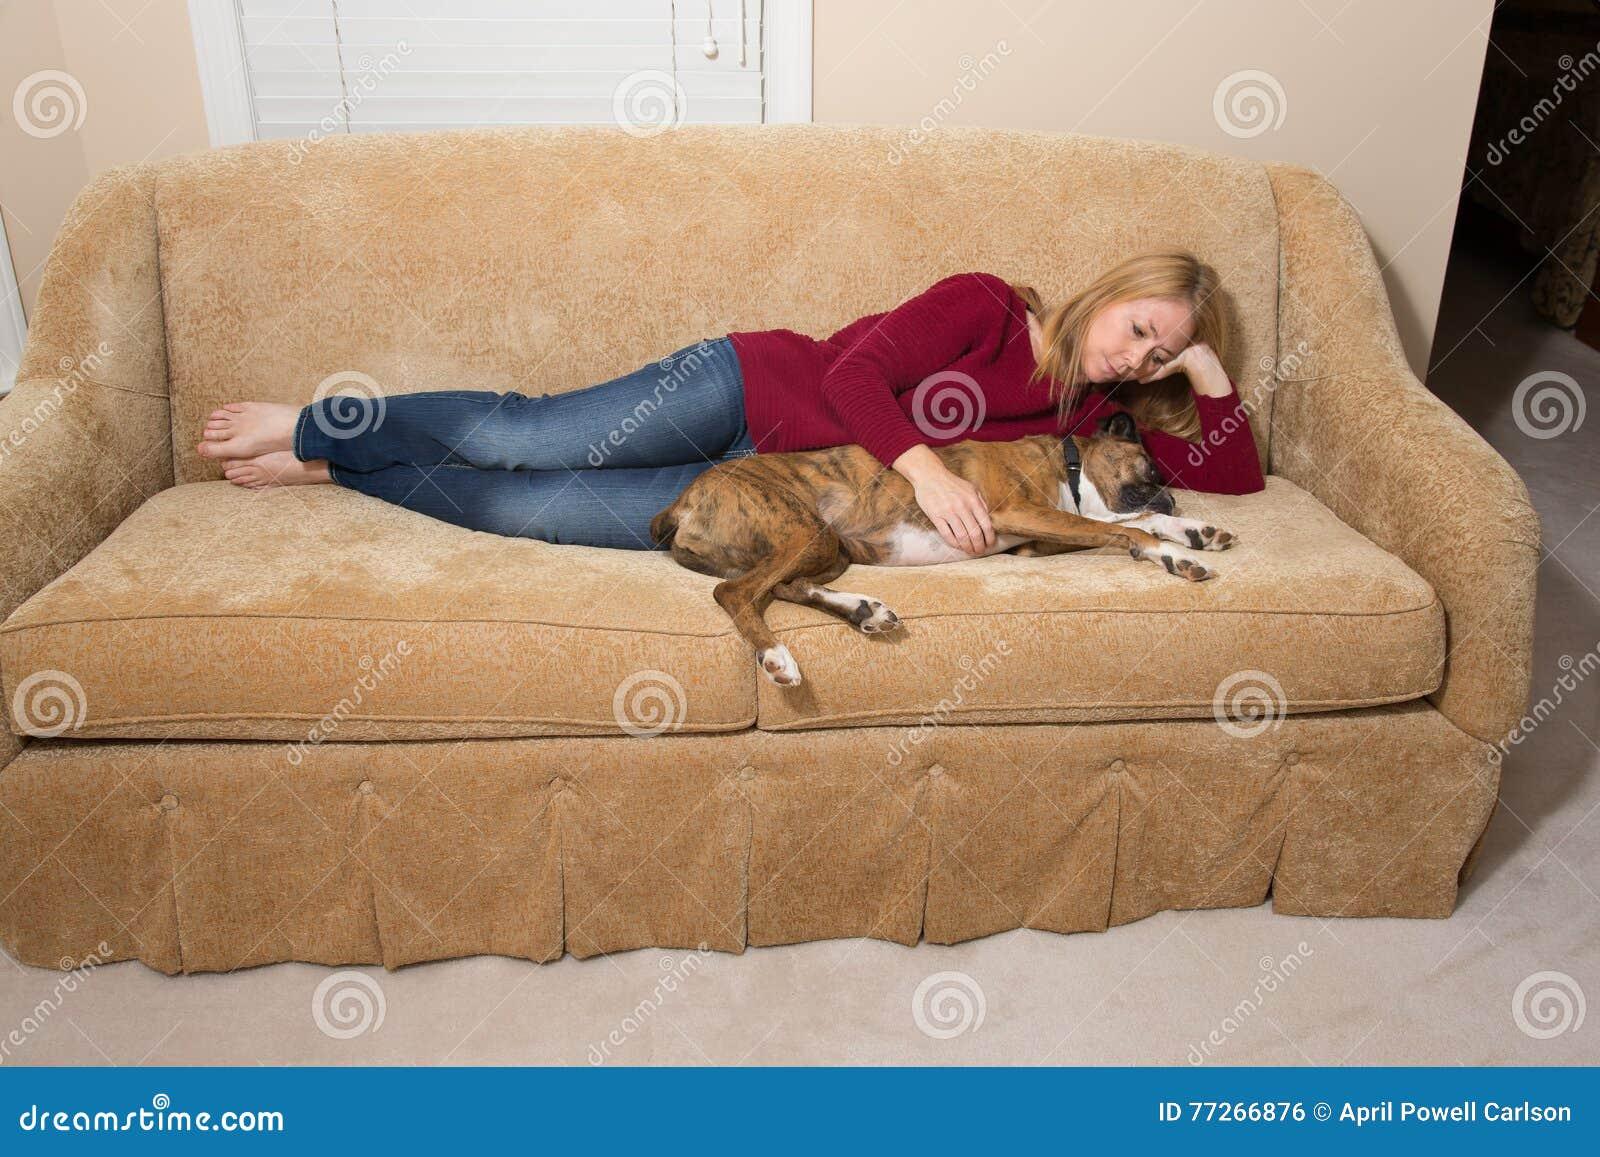 Cane di coccole della donna sullo strato - il cane è addormentato